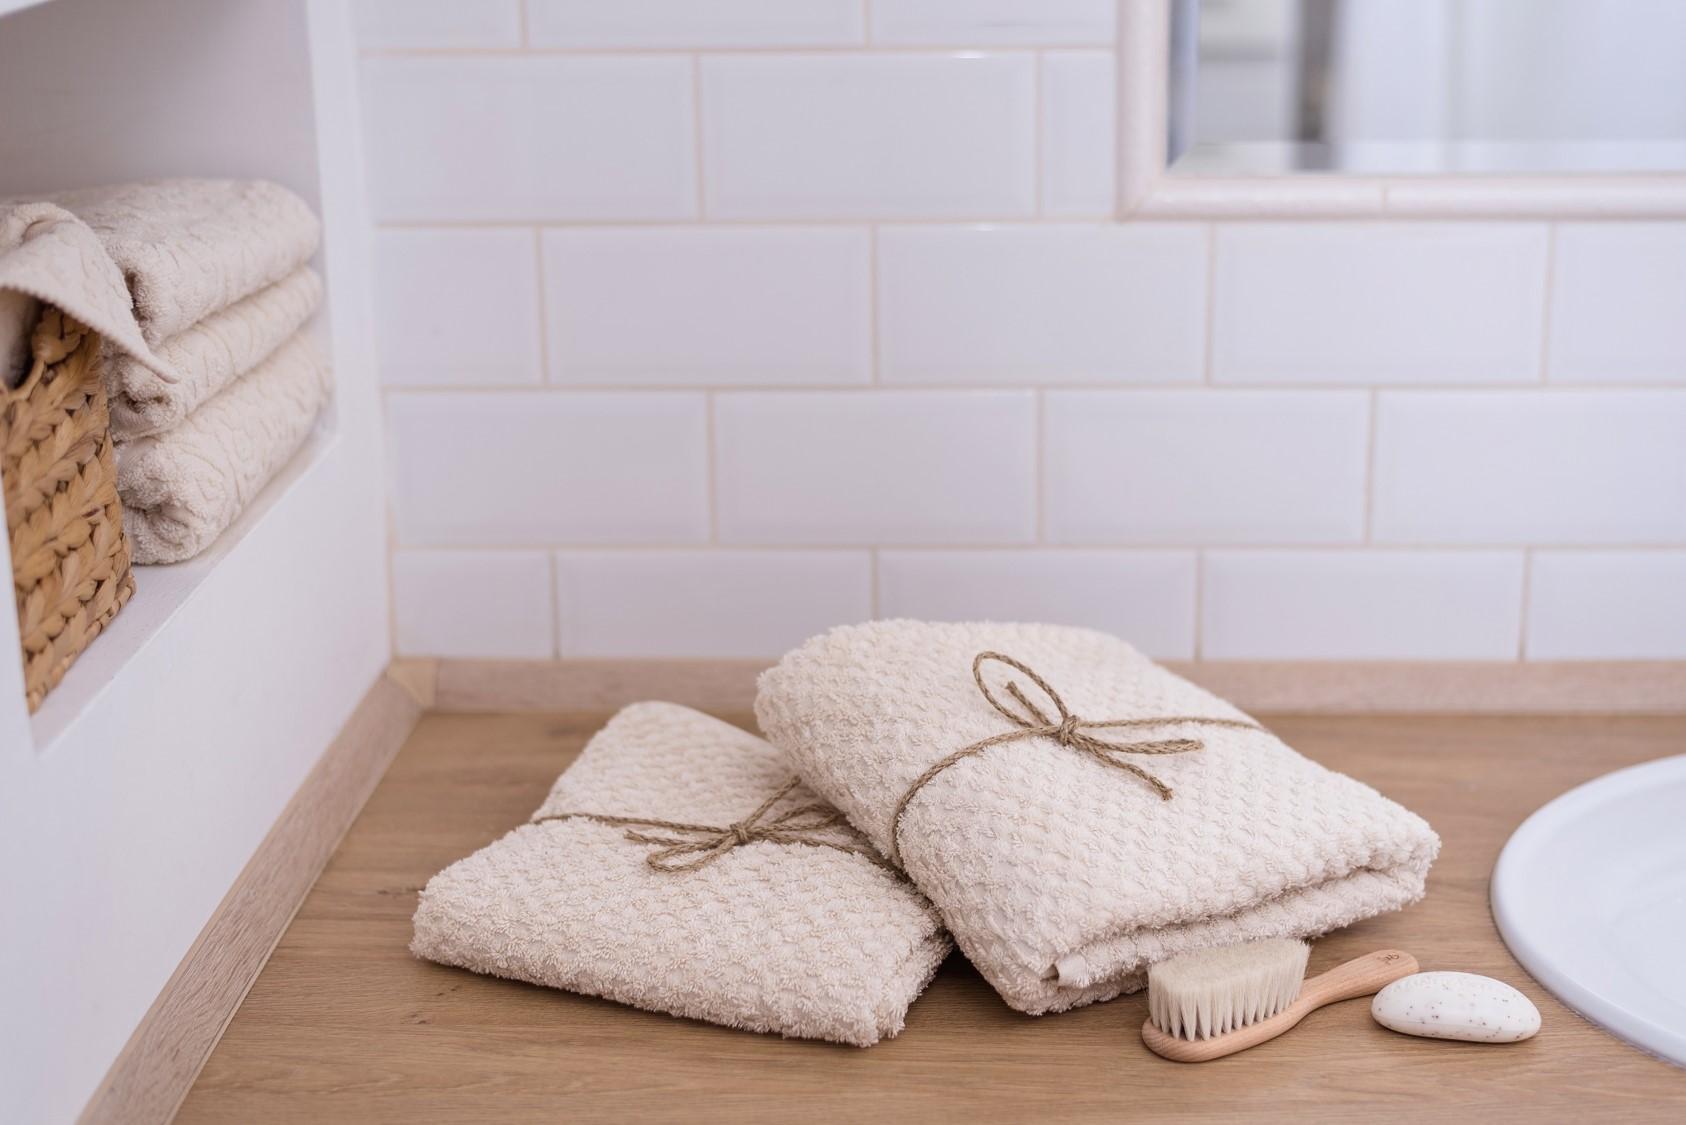 Nie je uterák ako uterák; alebo ako si správne vybrať uterák či osušku? -IveKol